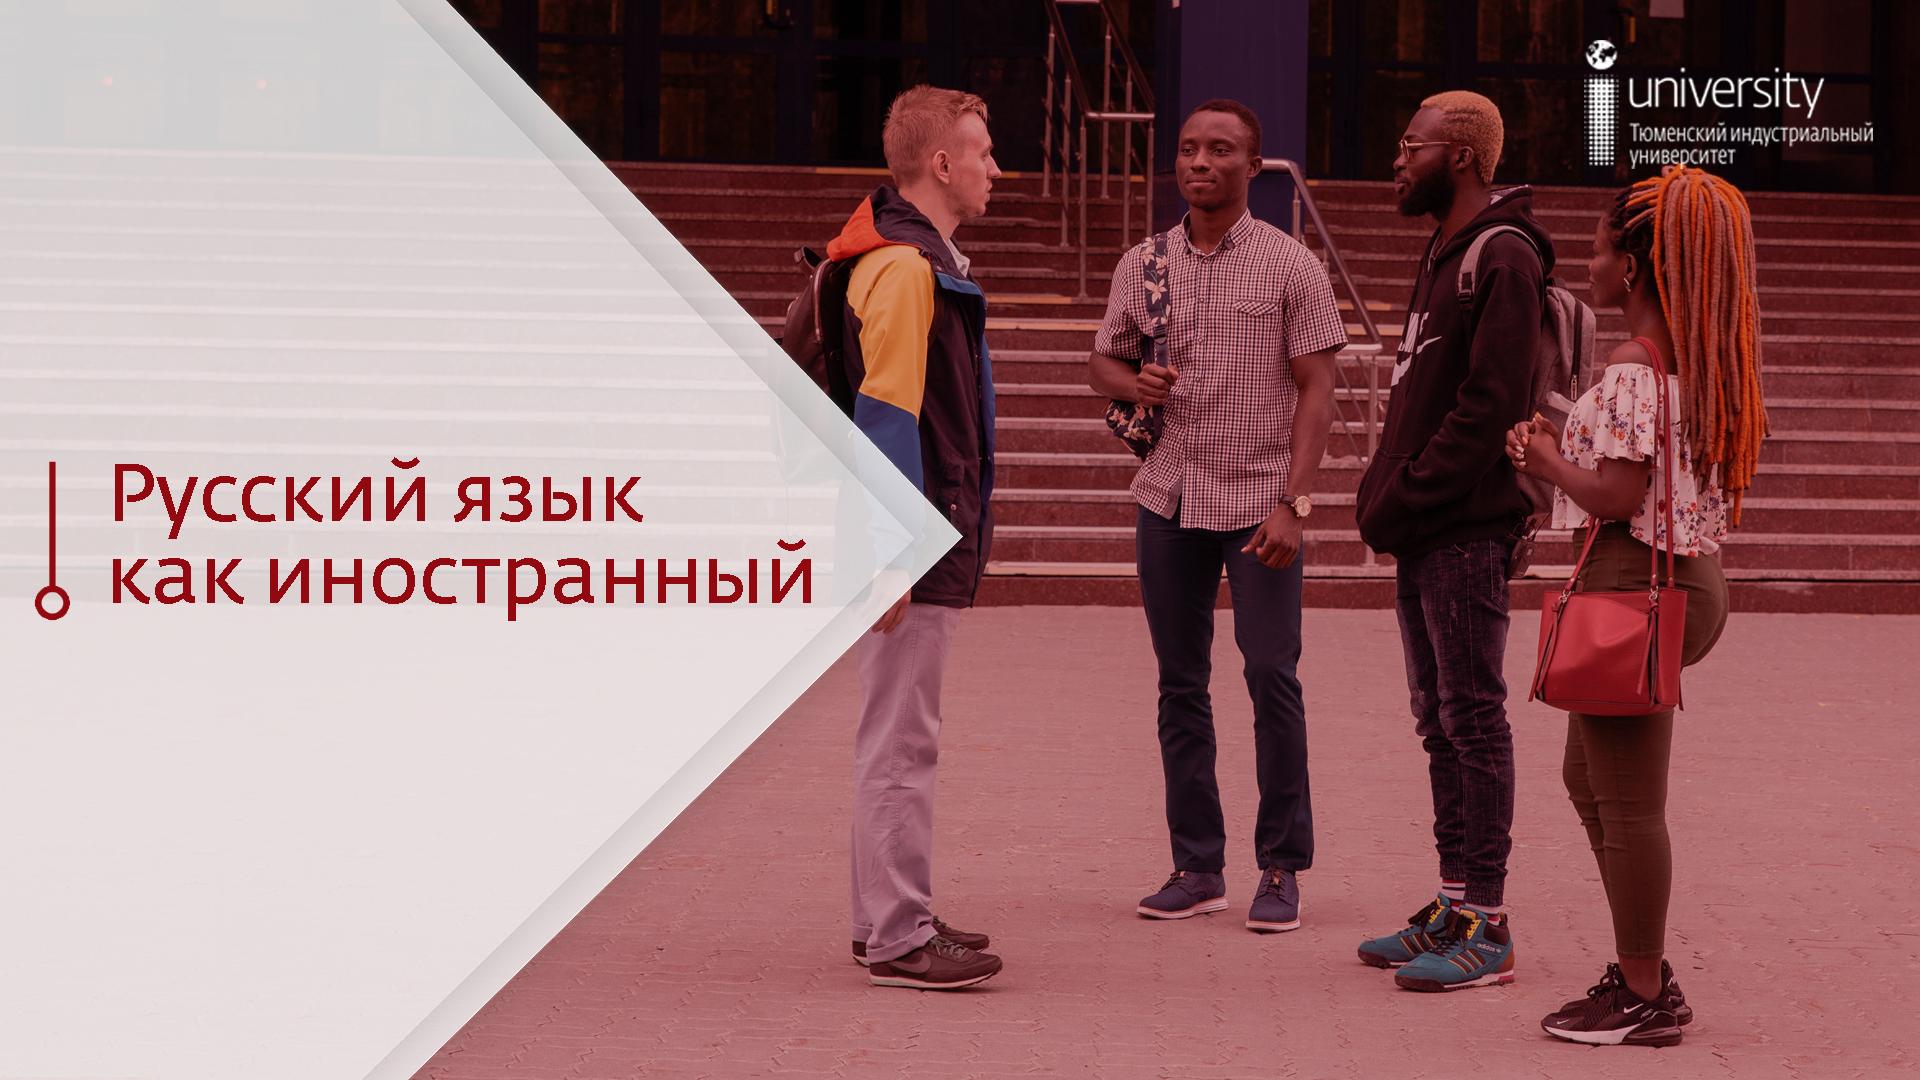 Course Image Русский язык как иностранный